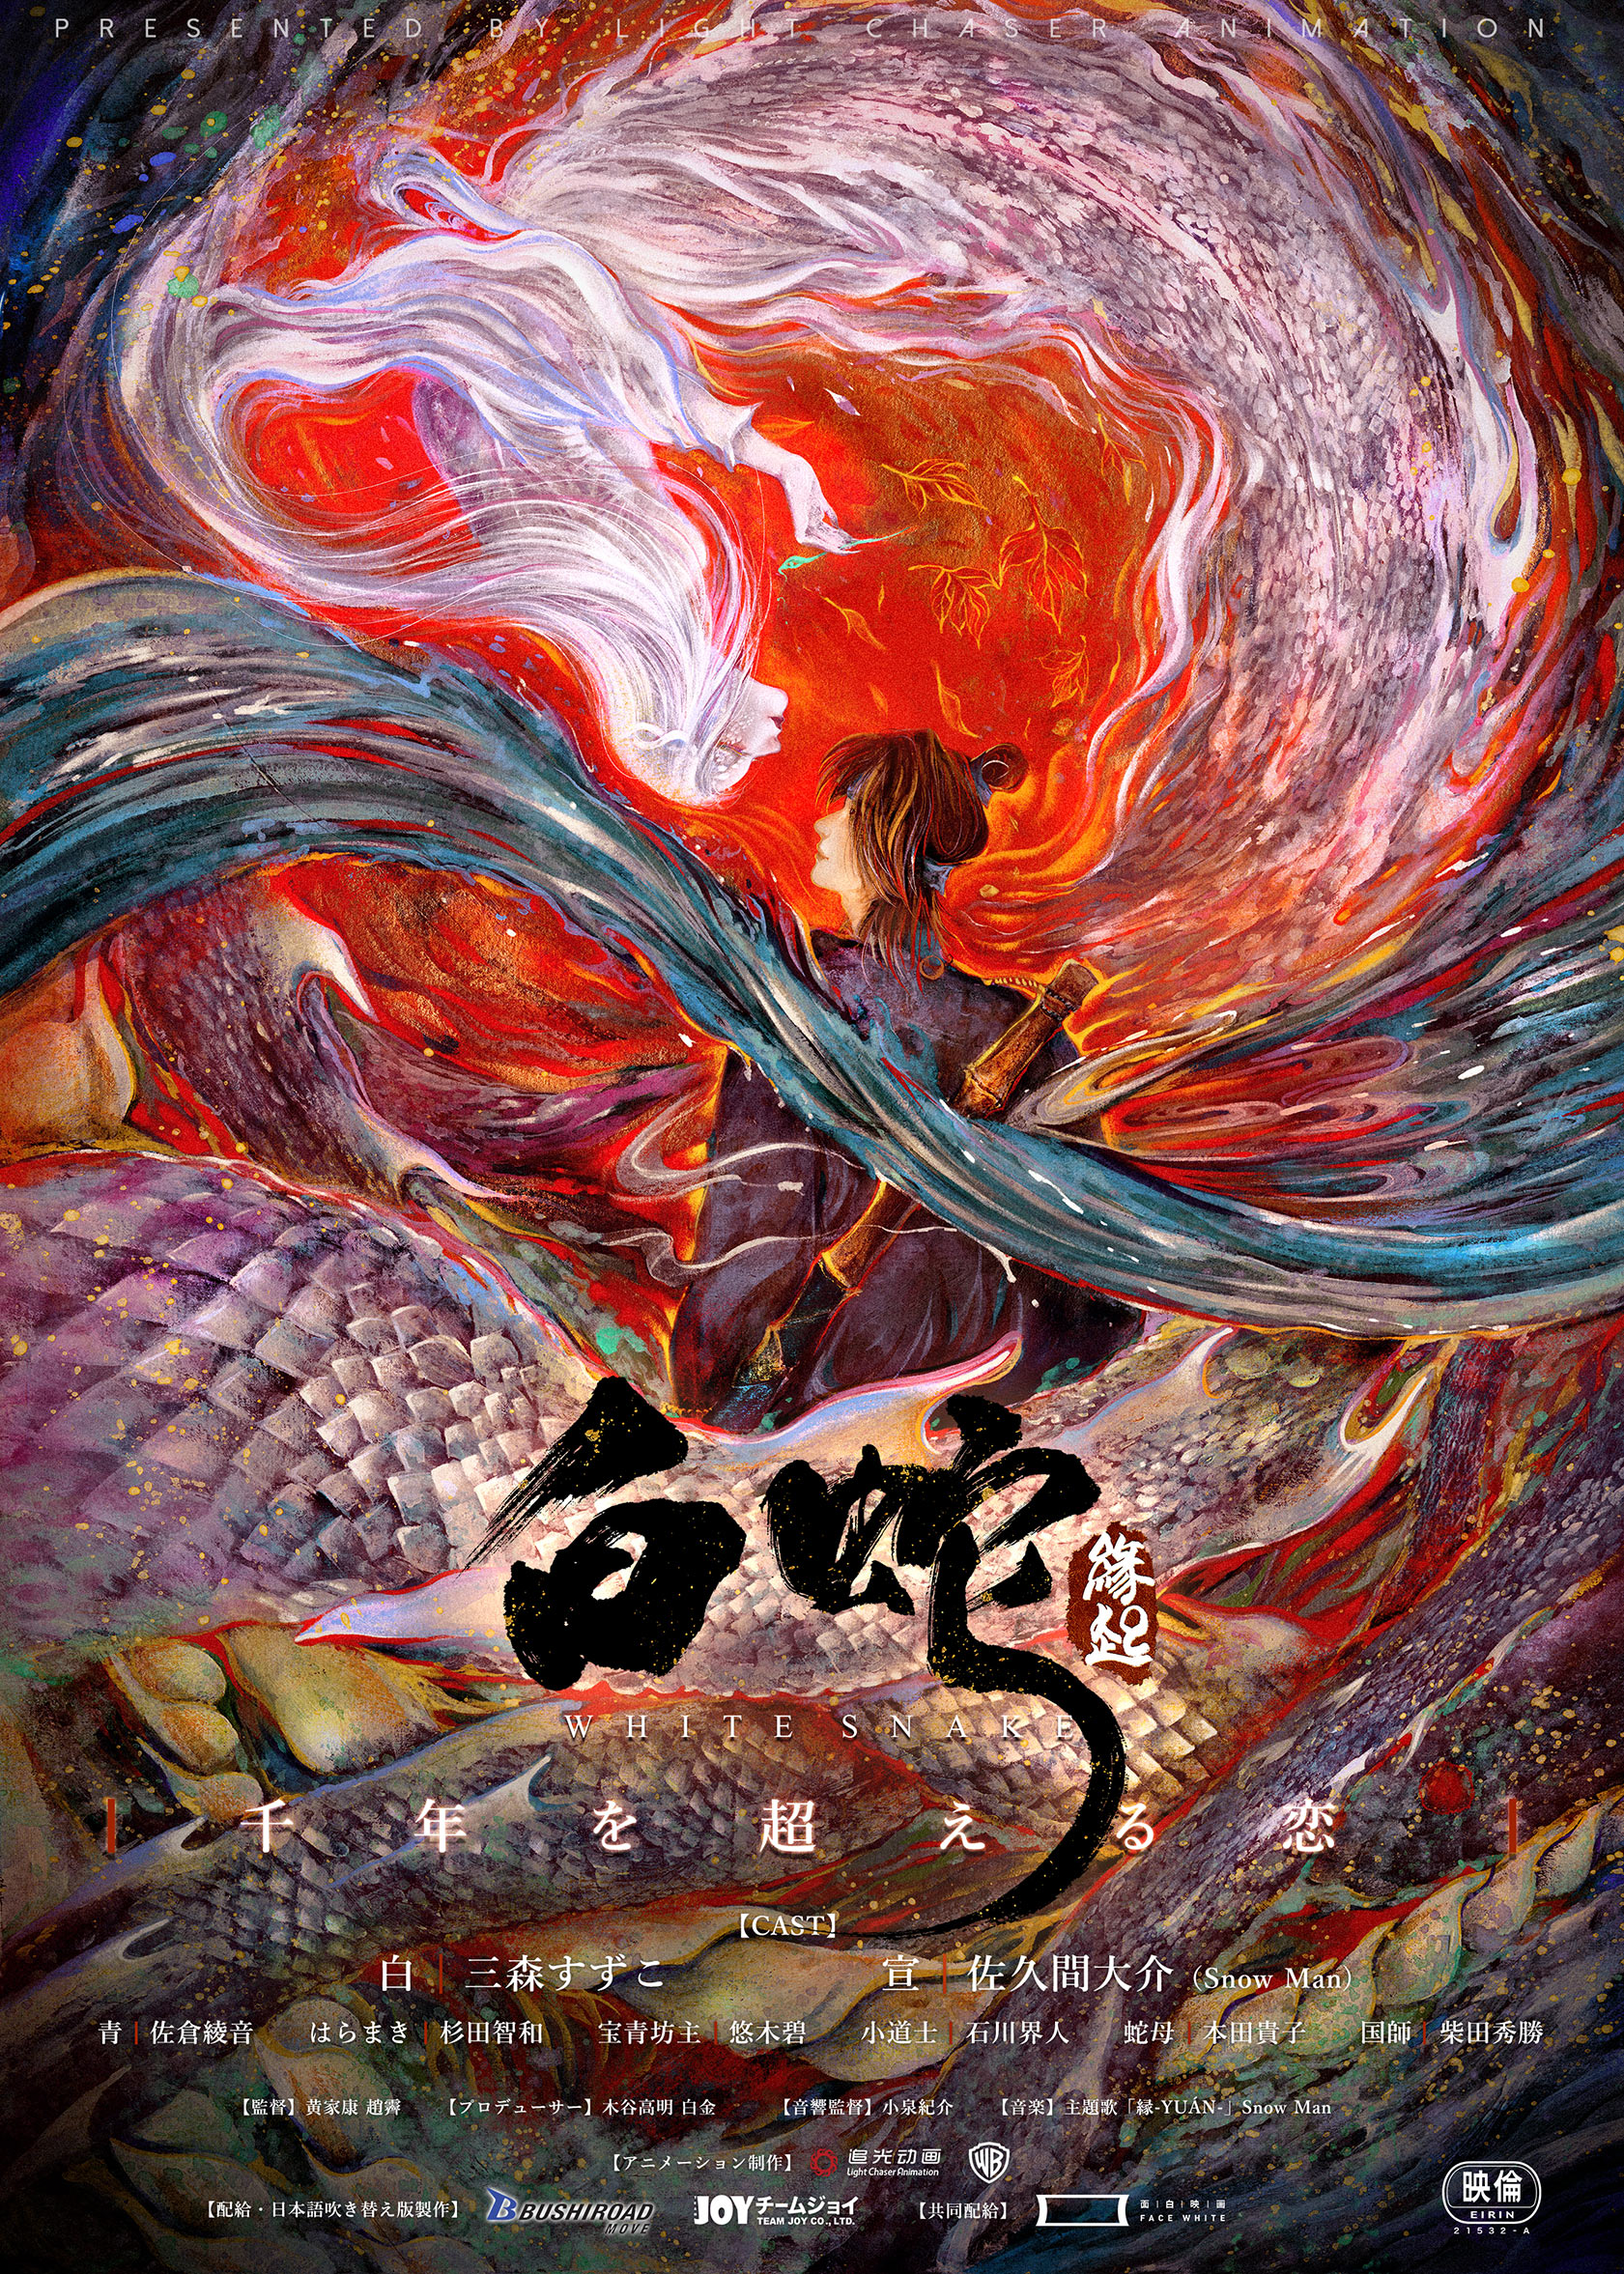 アニメ映画「白蛇:縁起」予告映像でSnow Manの主題歌が早速聴ける!追加キャストで石川界人さんらも出演